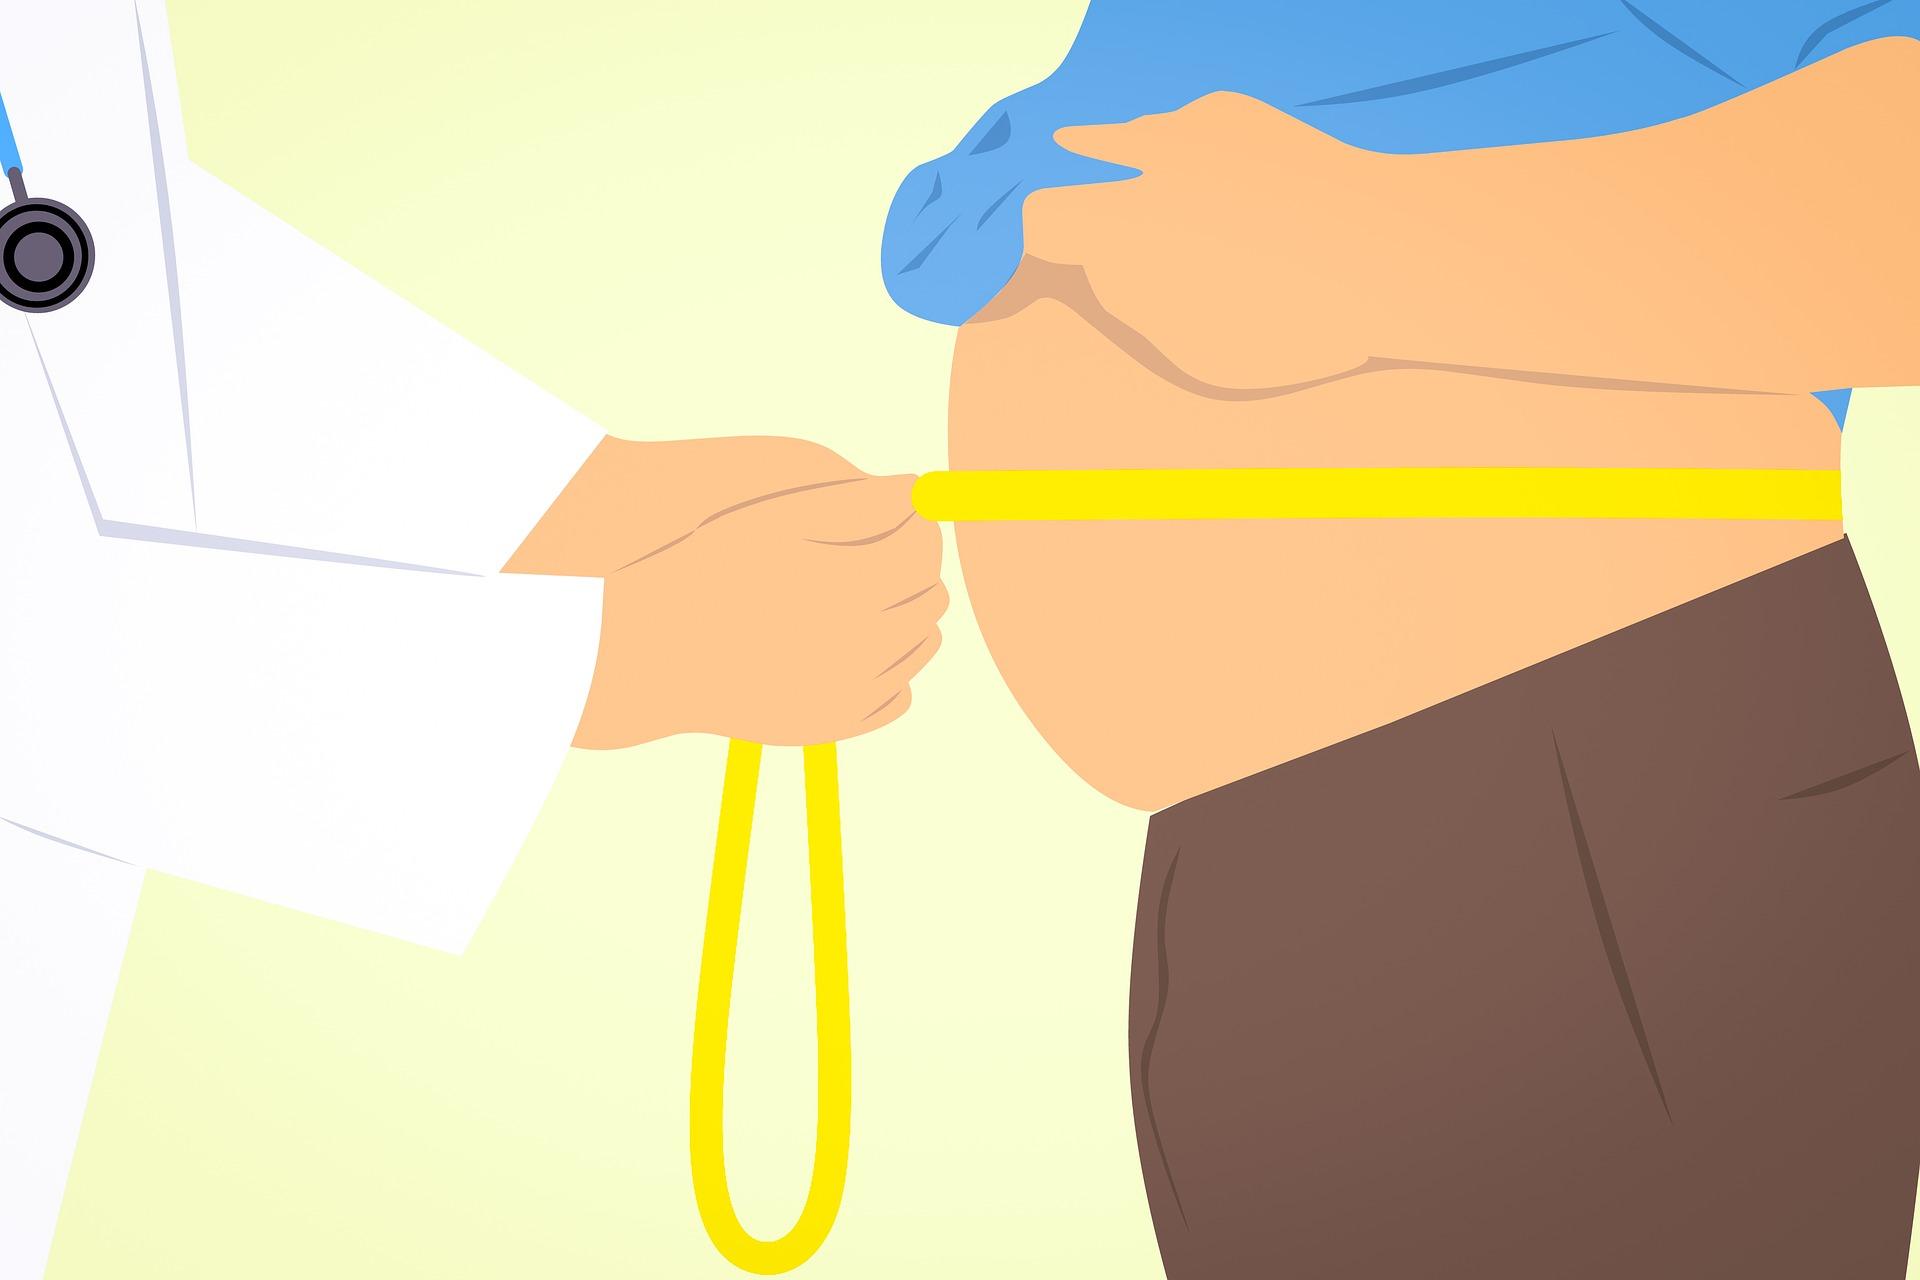 Pretilost objašnjava gotovo svaki dvadeseti karcinom u svijetu